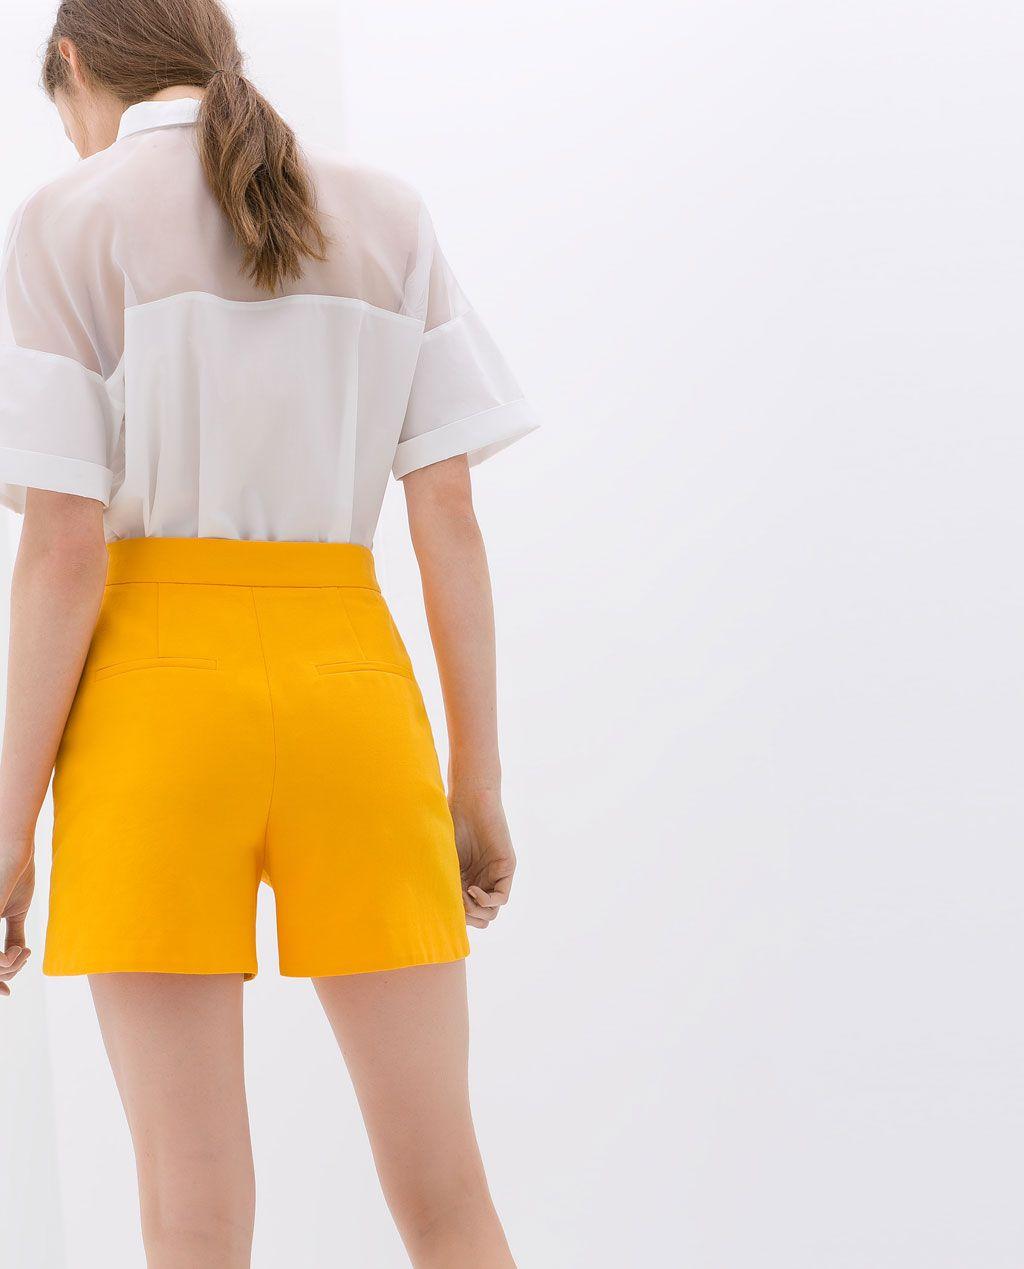 Color de moda para el verano - Bermudas